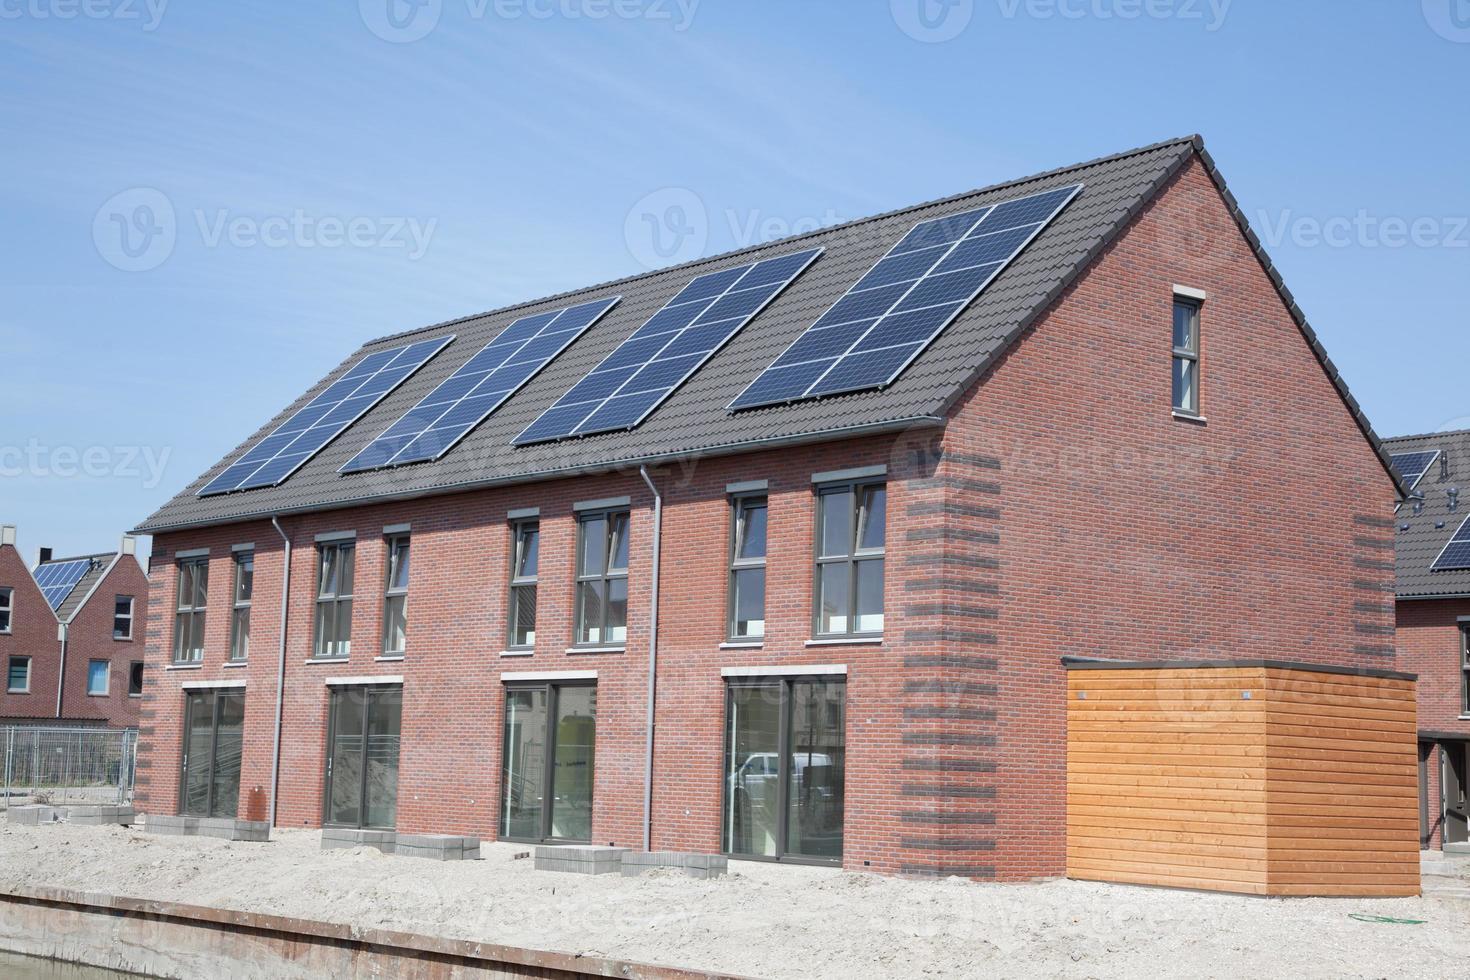 nuove case di famiglia con pannelli solari sul tetto foto